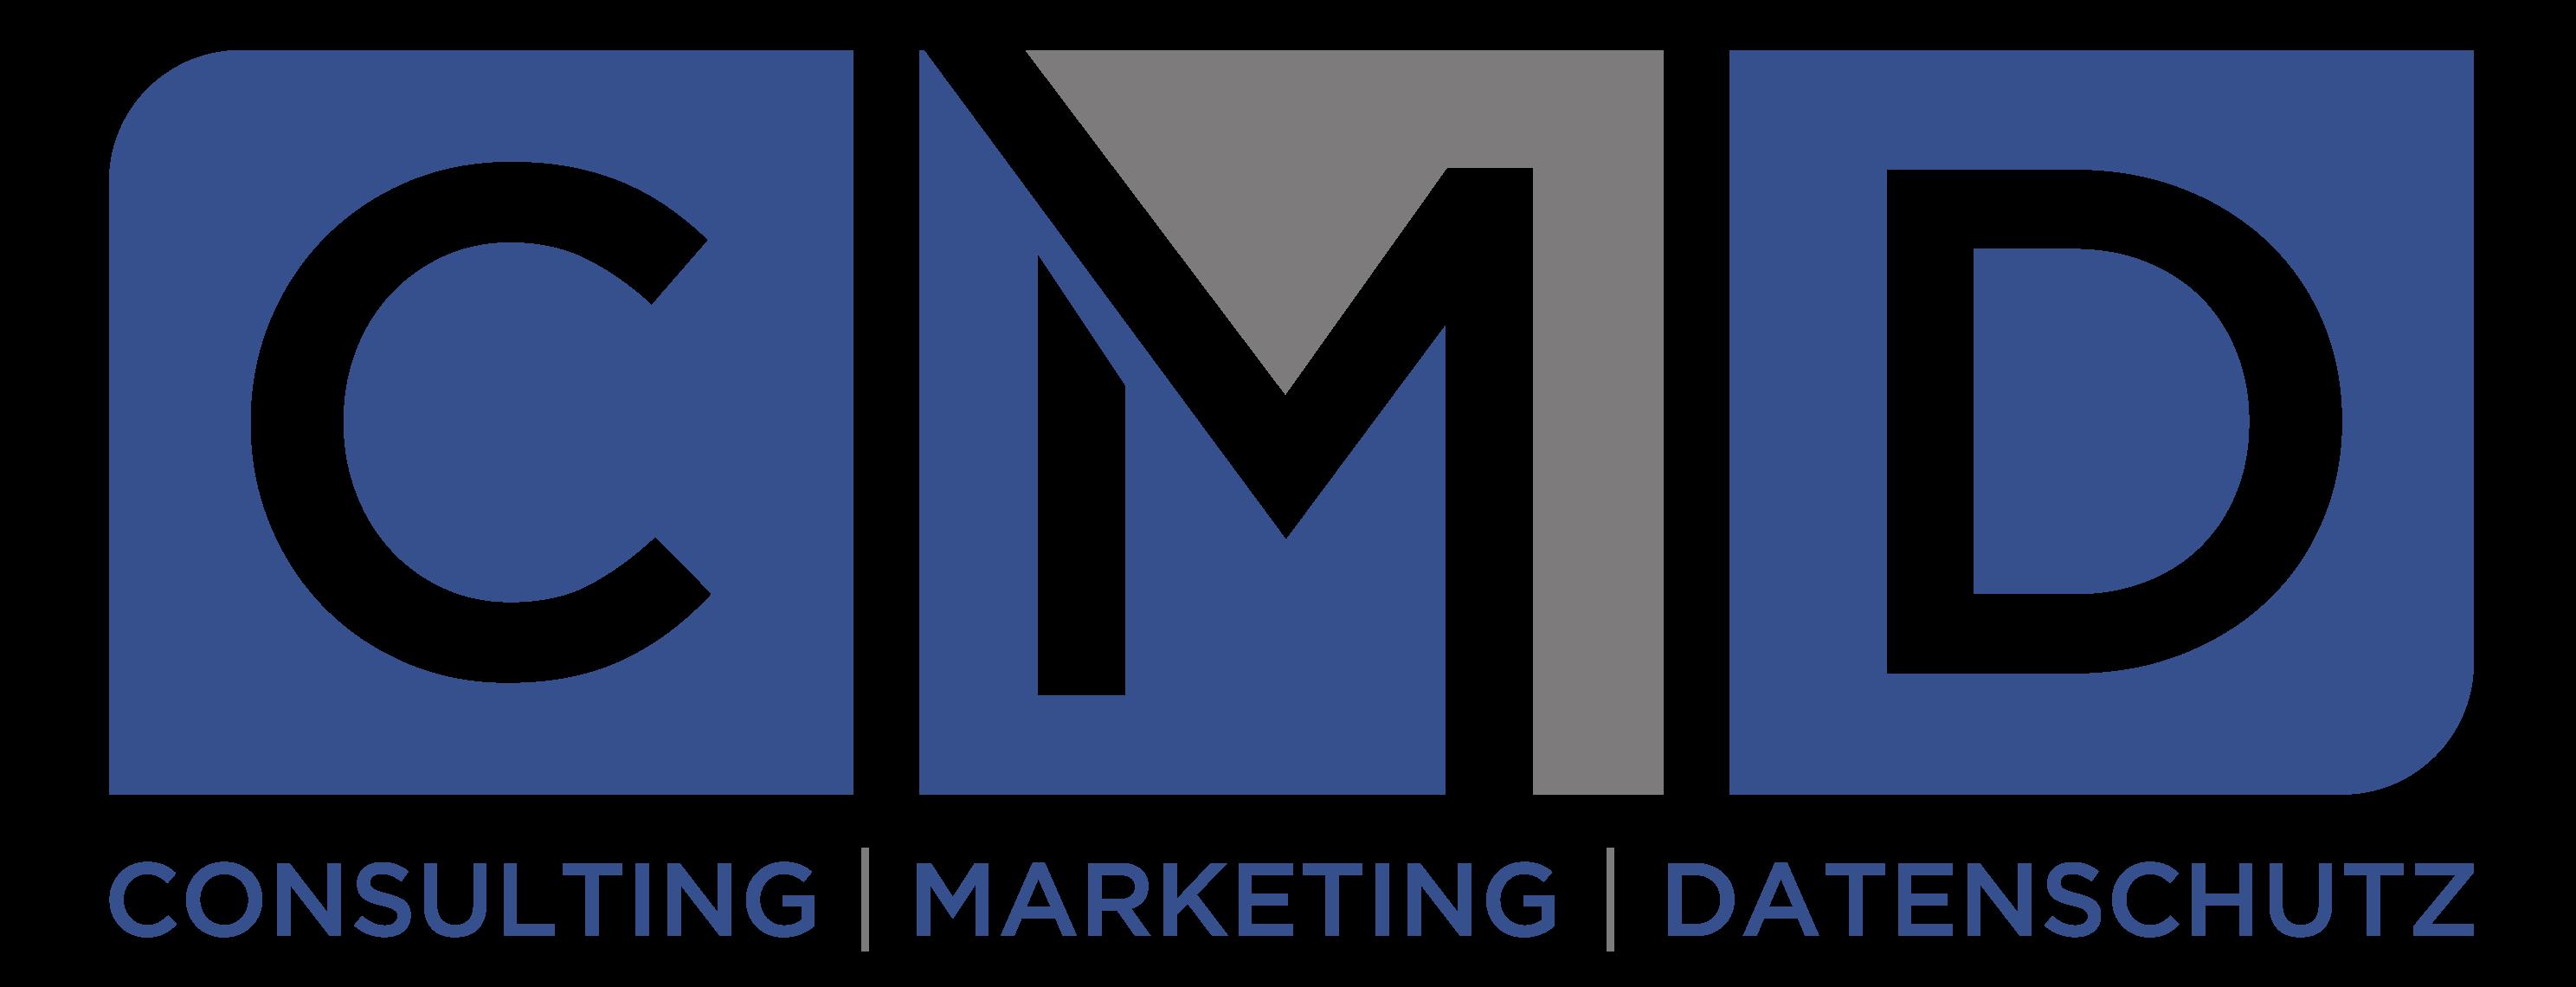 CMD GmbH & Co. KG